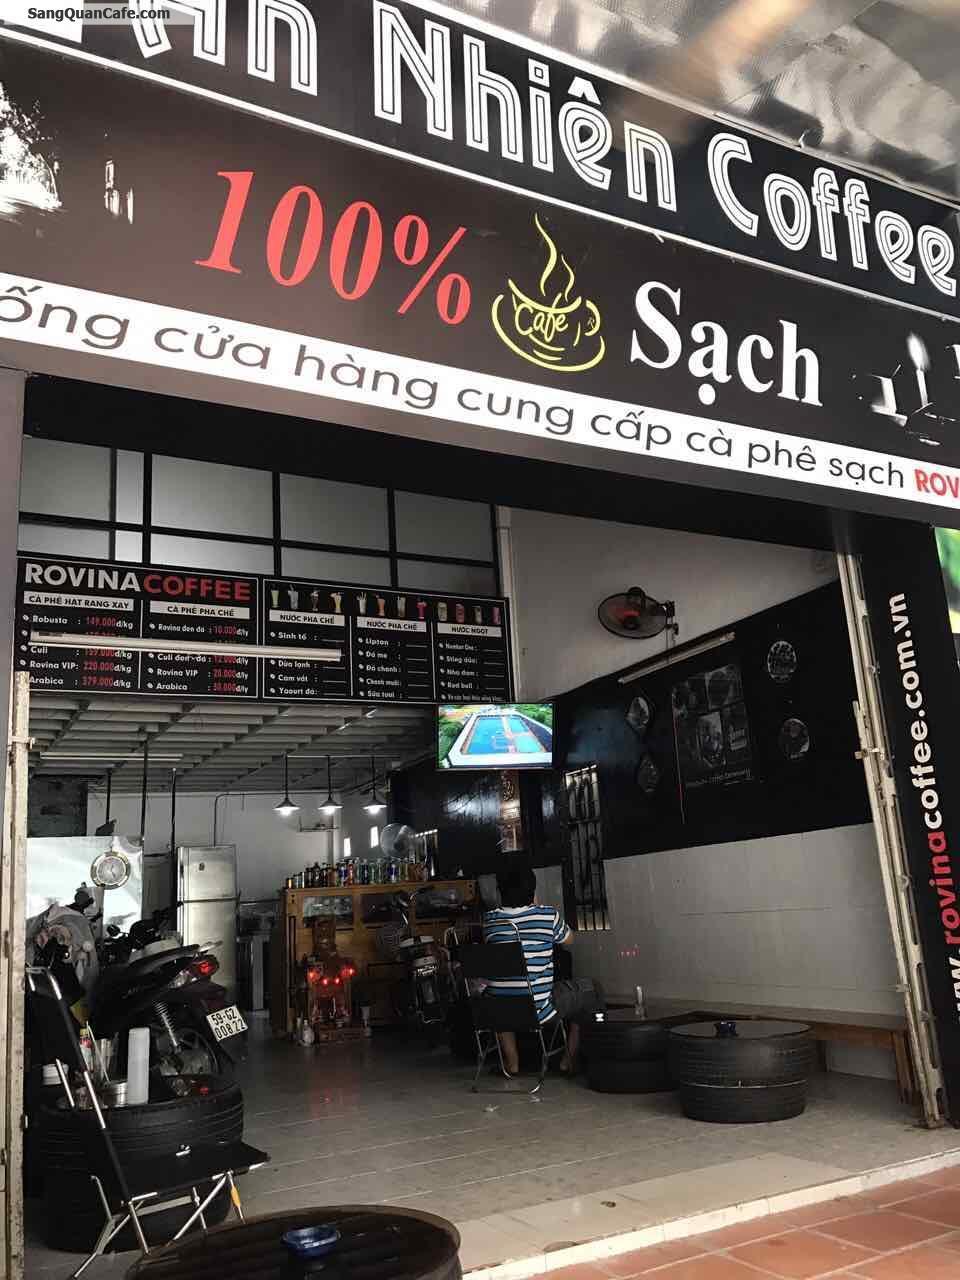 Sang quán cafe quân Gò Vấp